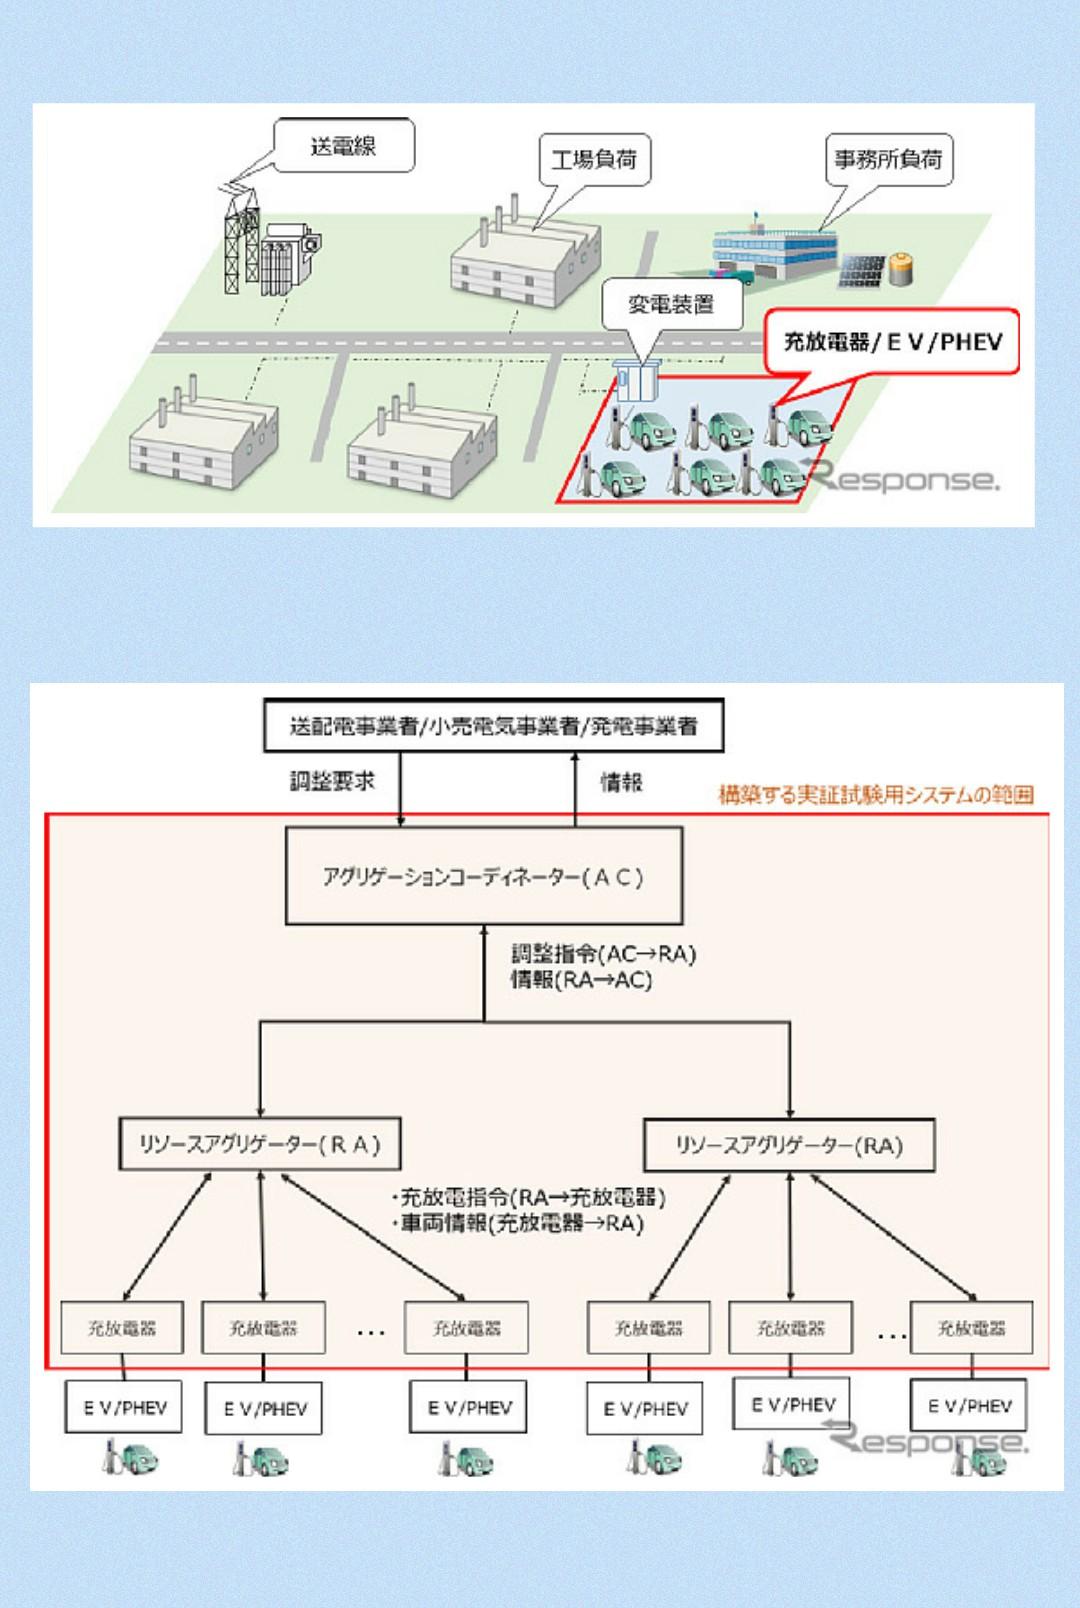 三菱 v2g 実証事業 愛知県